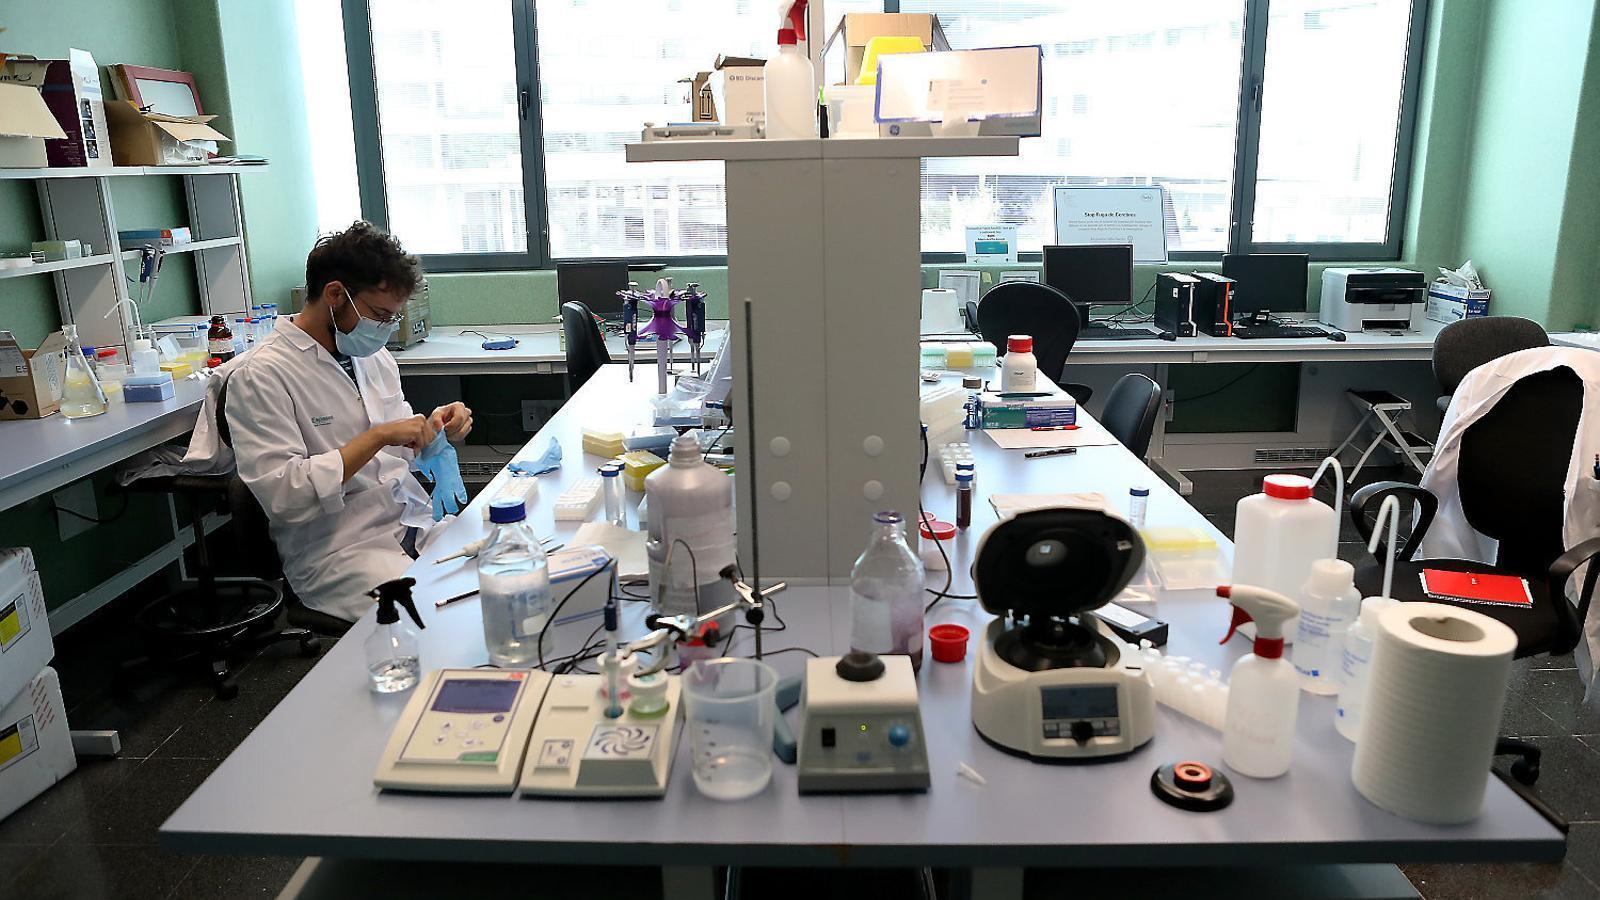 Una PCR per detectar                    el virus als espais tancats